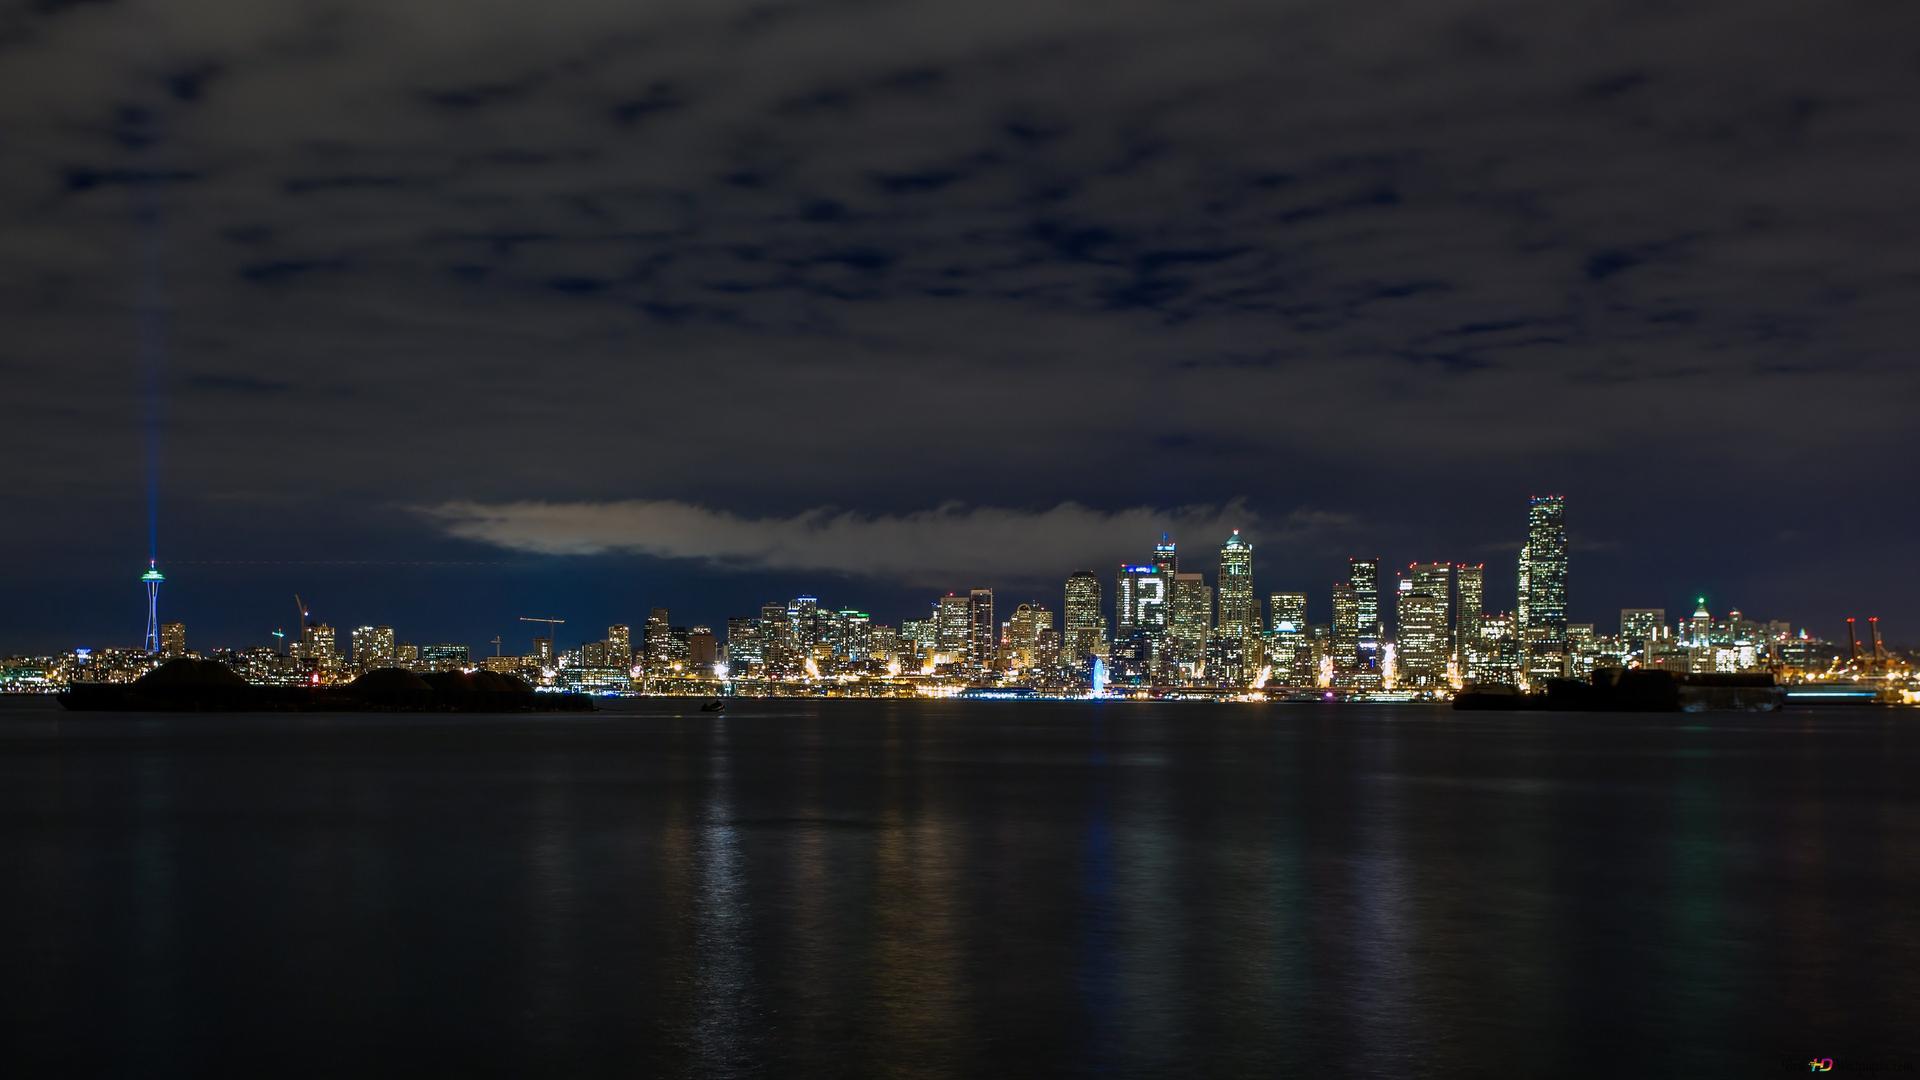 Seattle Night Hd Wallpaper Download